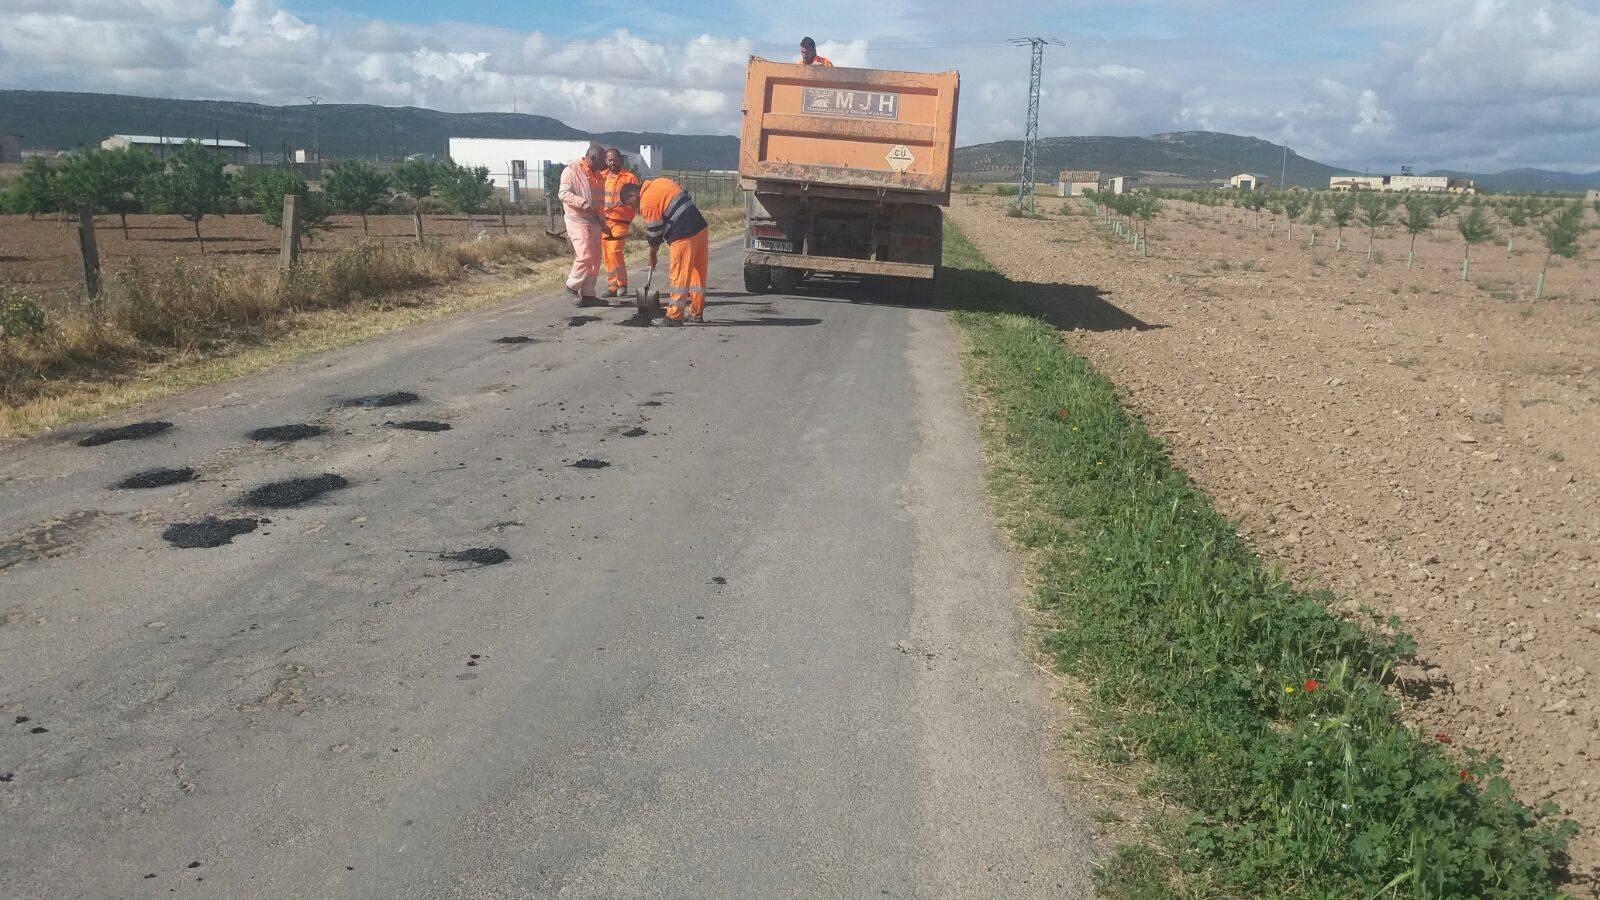 mantenimiento caminos hacia pozos de agua 2 - Mantenimiento y conservación de caminos para las romerías